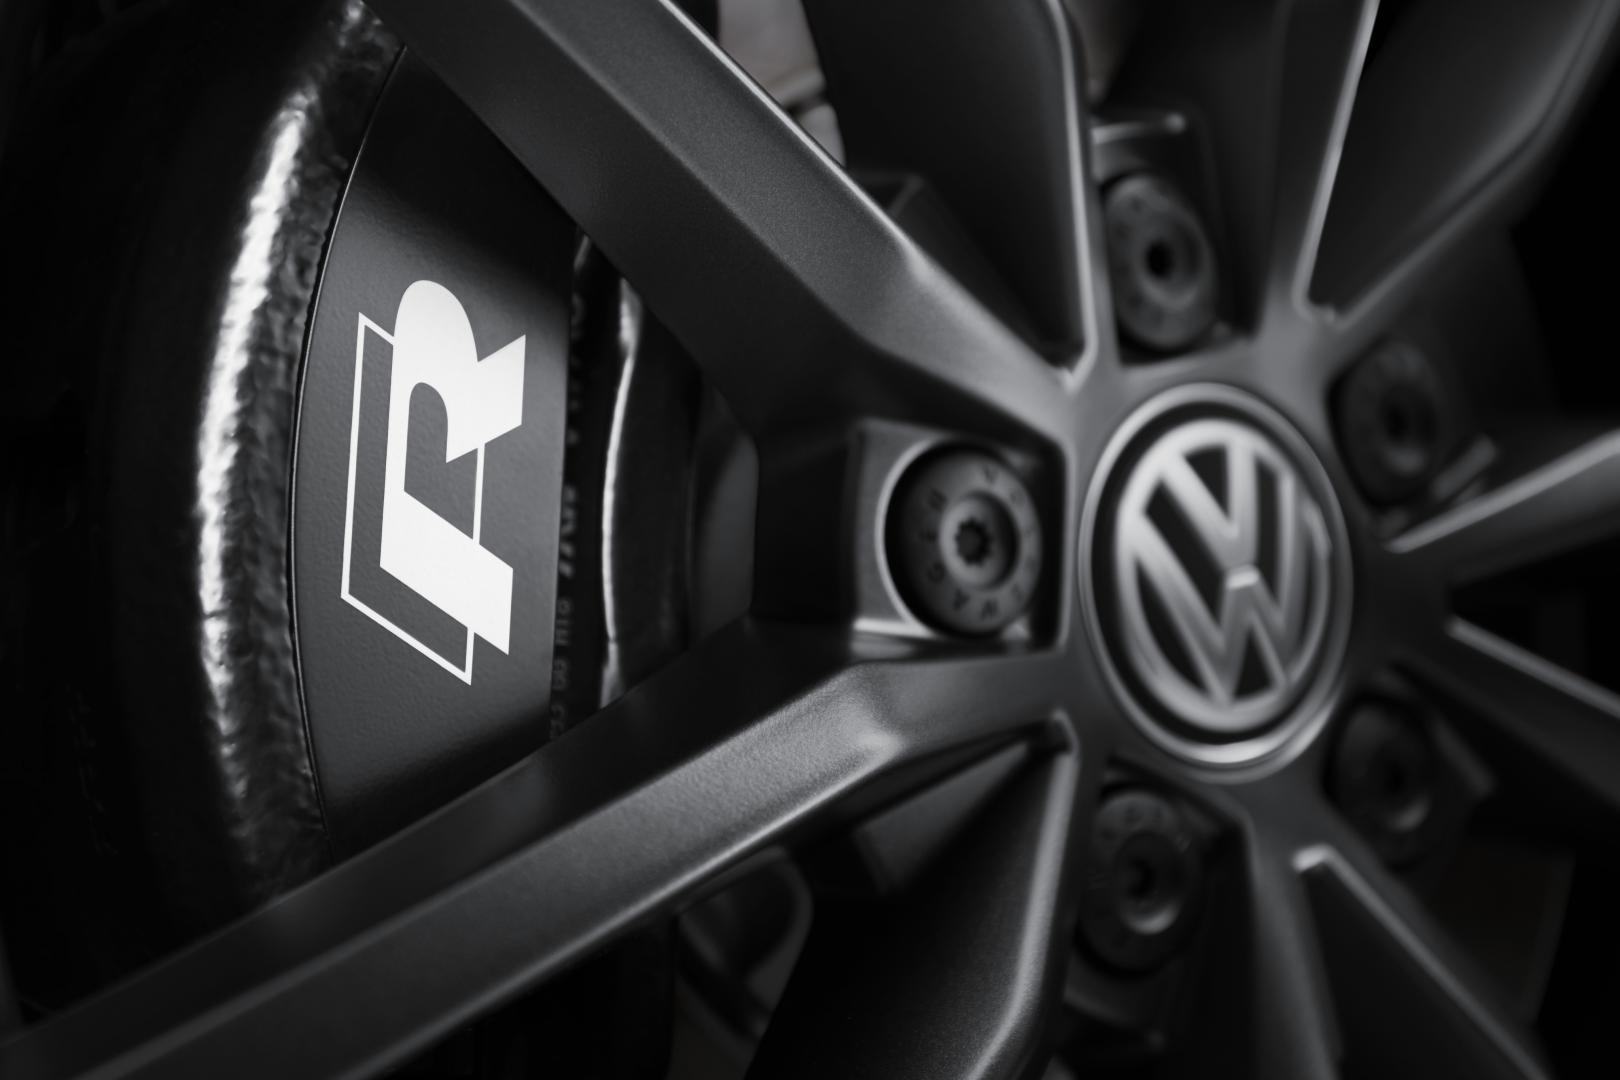 Volkswagen T-Roc R 2019 velg remVolkswagen R-modellen